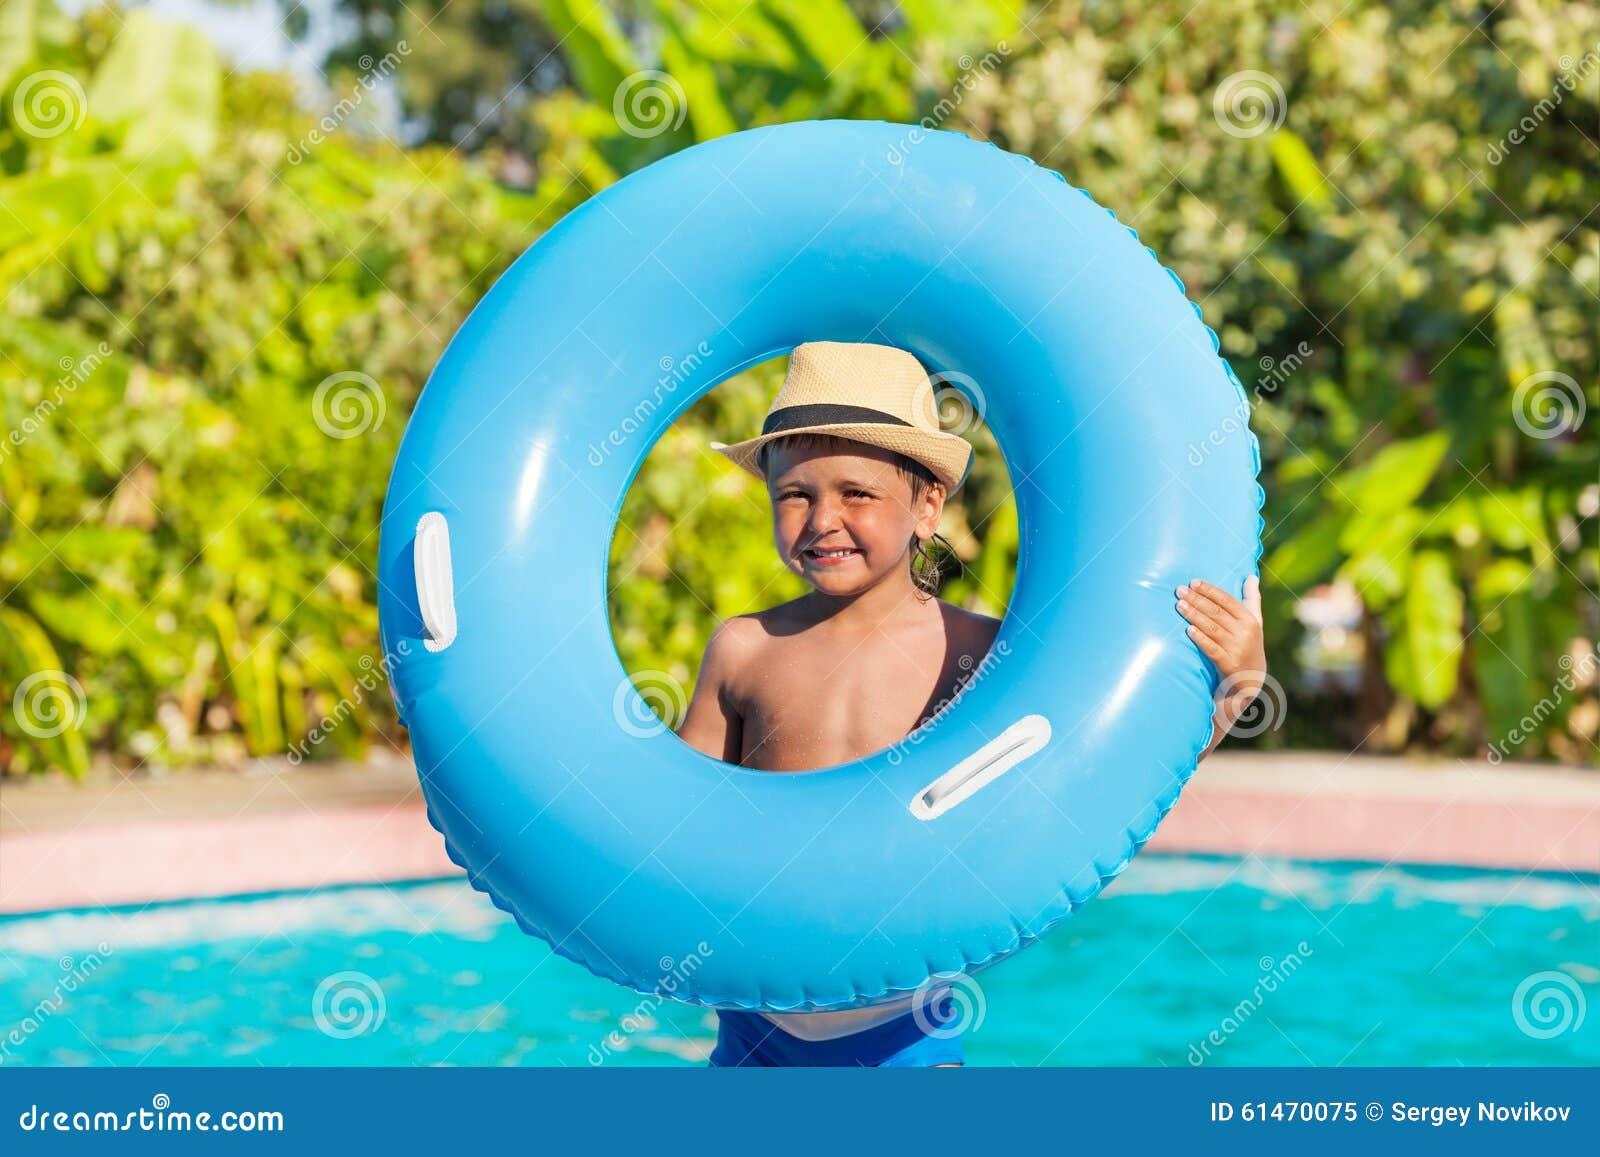 在水池附近拿着可膨胀的圆环的帽子的男孩